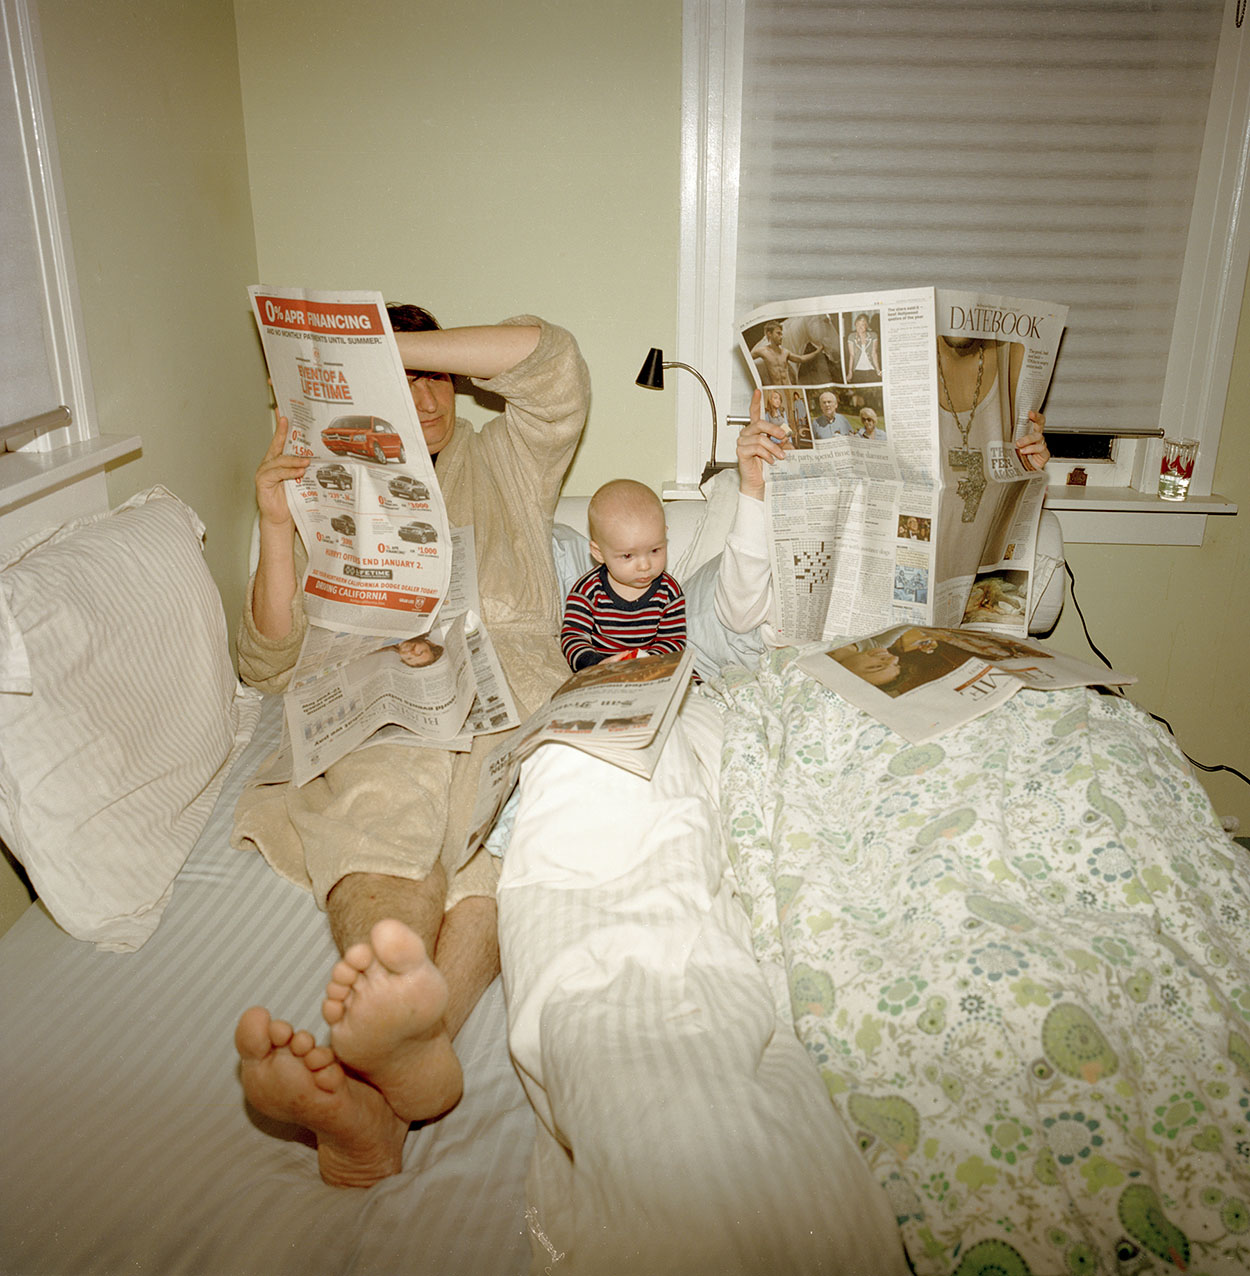 Sunday Morning . © Peggy Nolan. Image courtesy of Daylight Books.